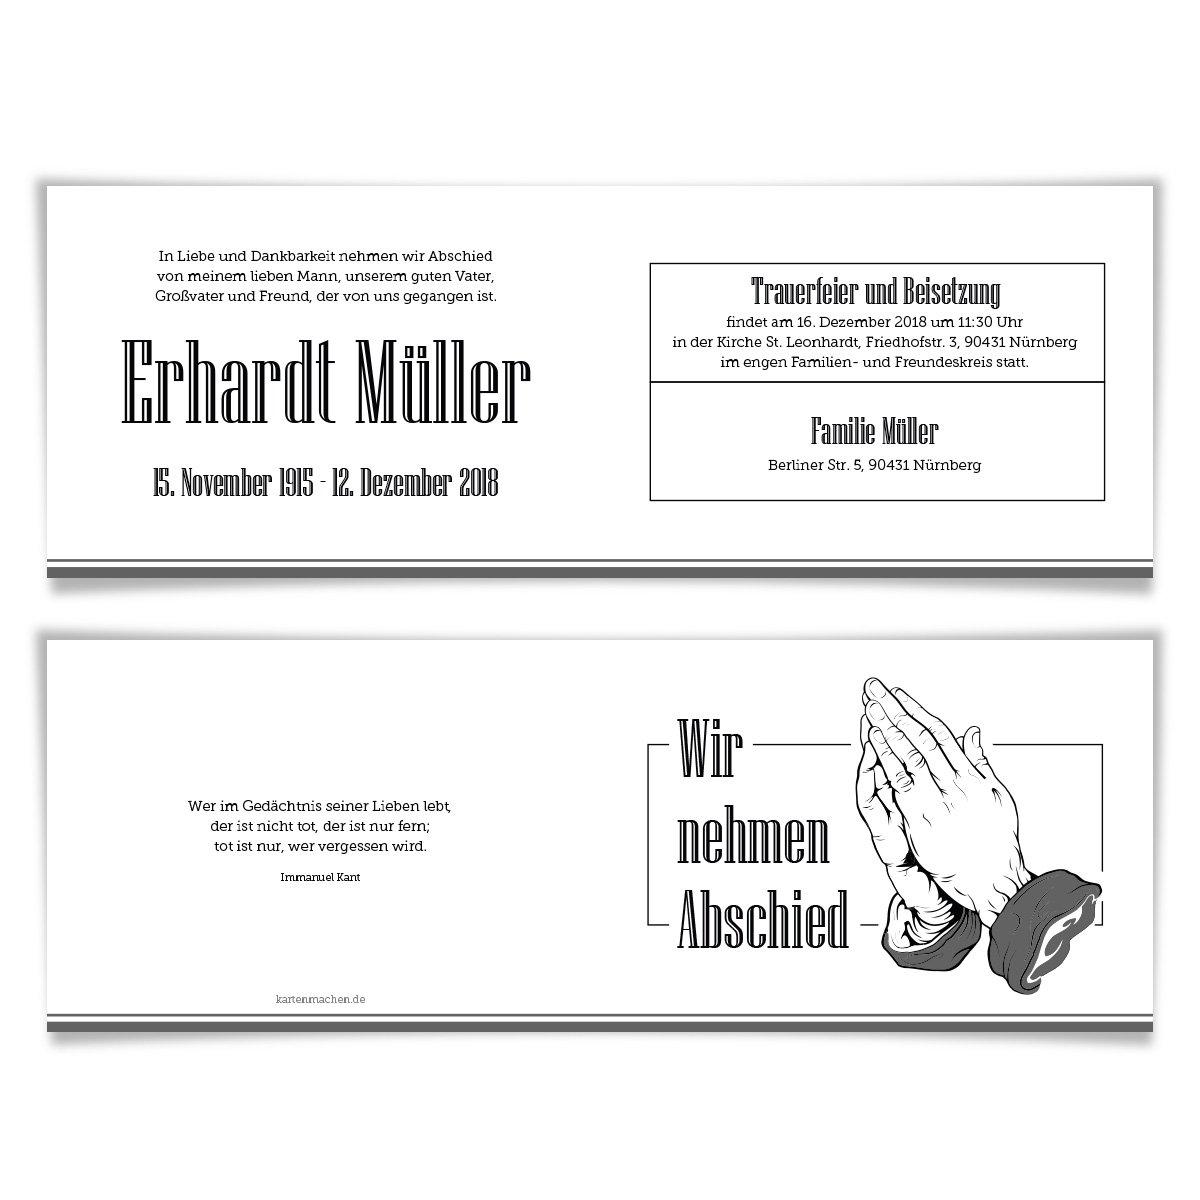 100 x Trauerkarte Trauerkarte Trauerkarte individuell Trauer Todesfall Beerdigung Bestattung - Betende Hände B07BH4HCQX | New Listing  | Hochwertig  | Ausreichende Versorgung  cabeb4